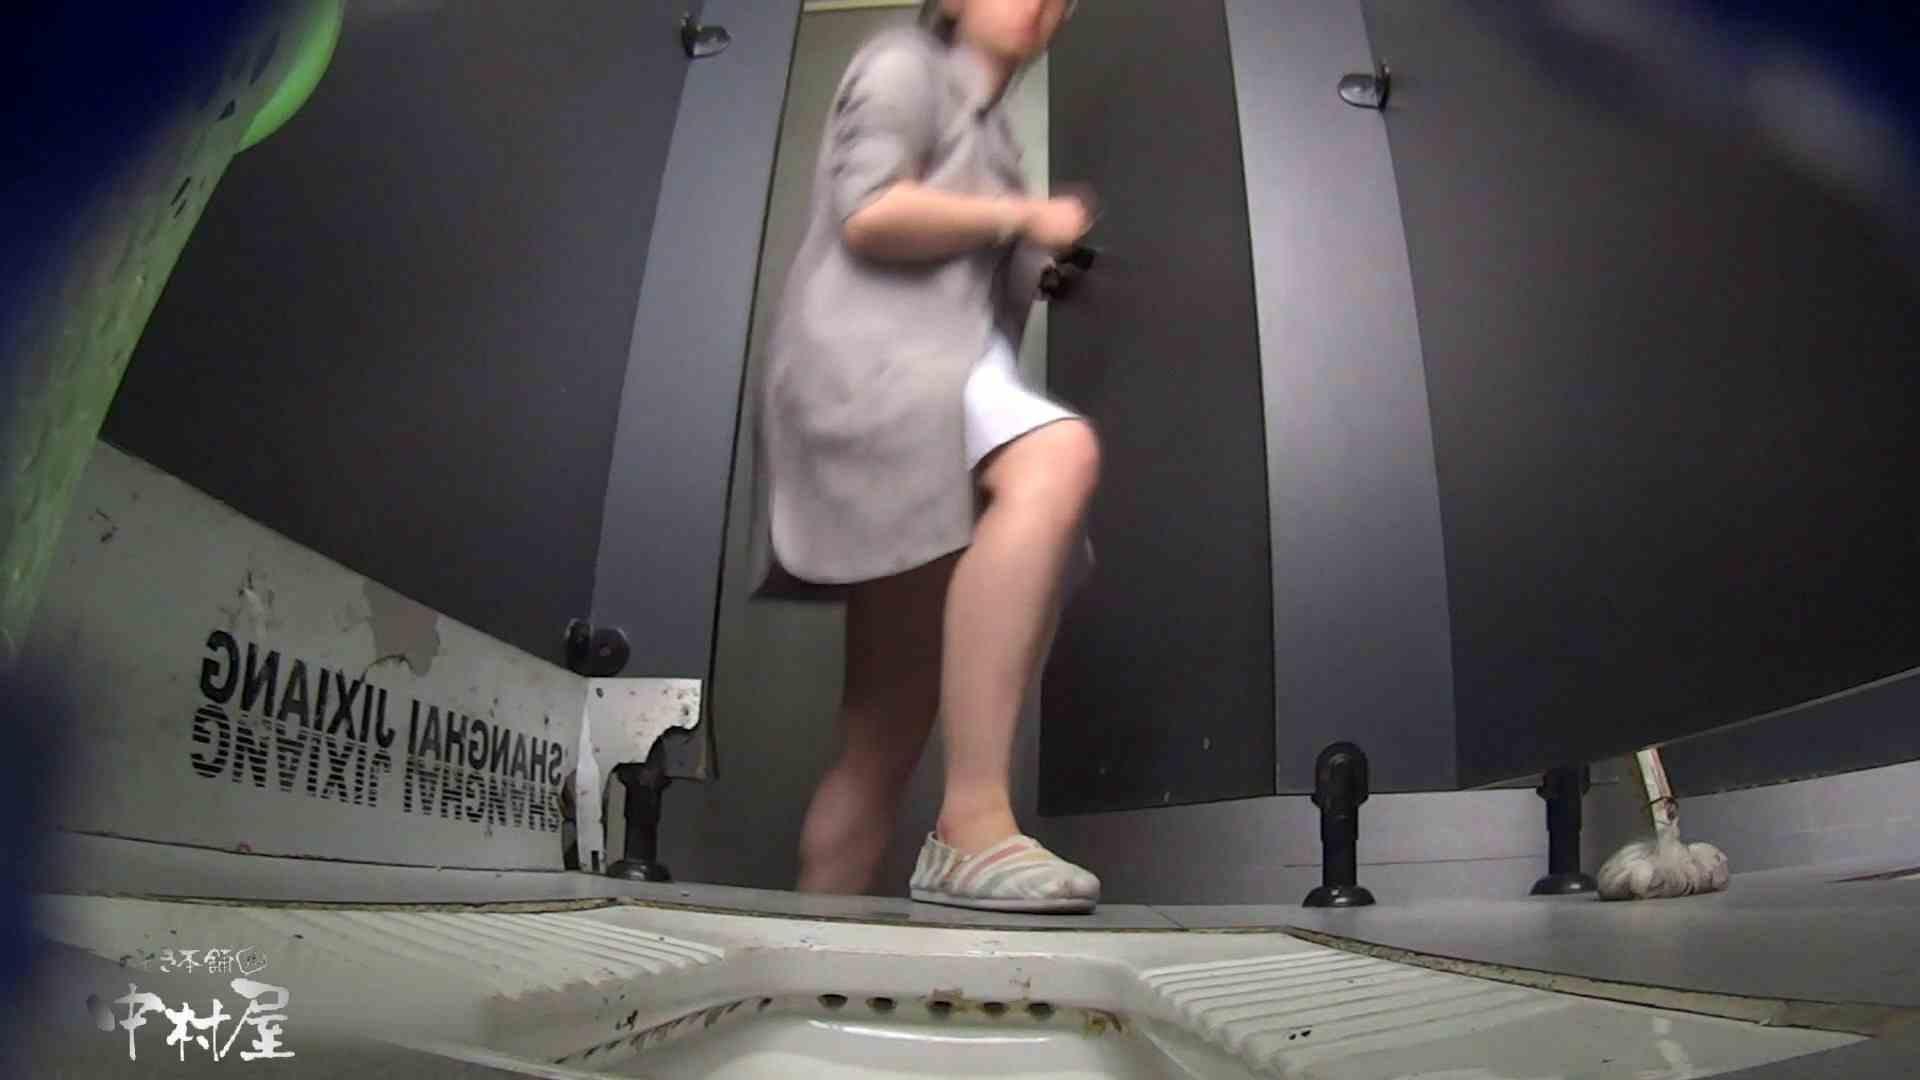 グレースパッツお女市さん 大学休憩時間の洗面所事情31 洗面所編 すけべAV動画紹介 96PIX 58